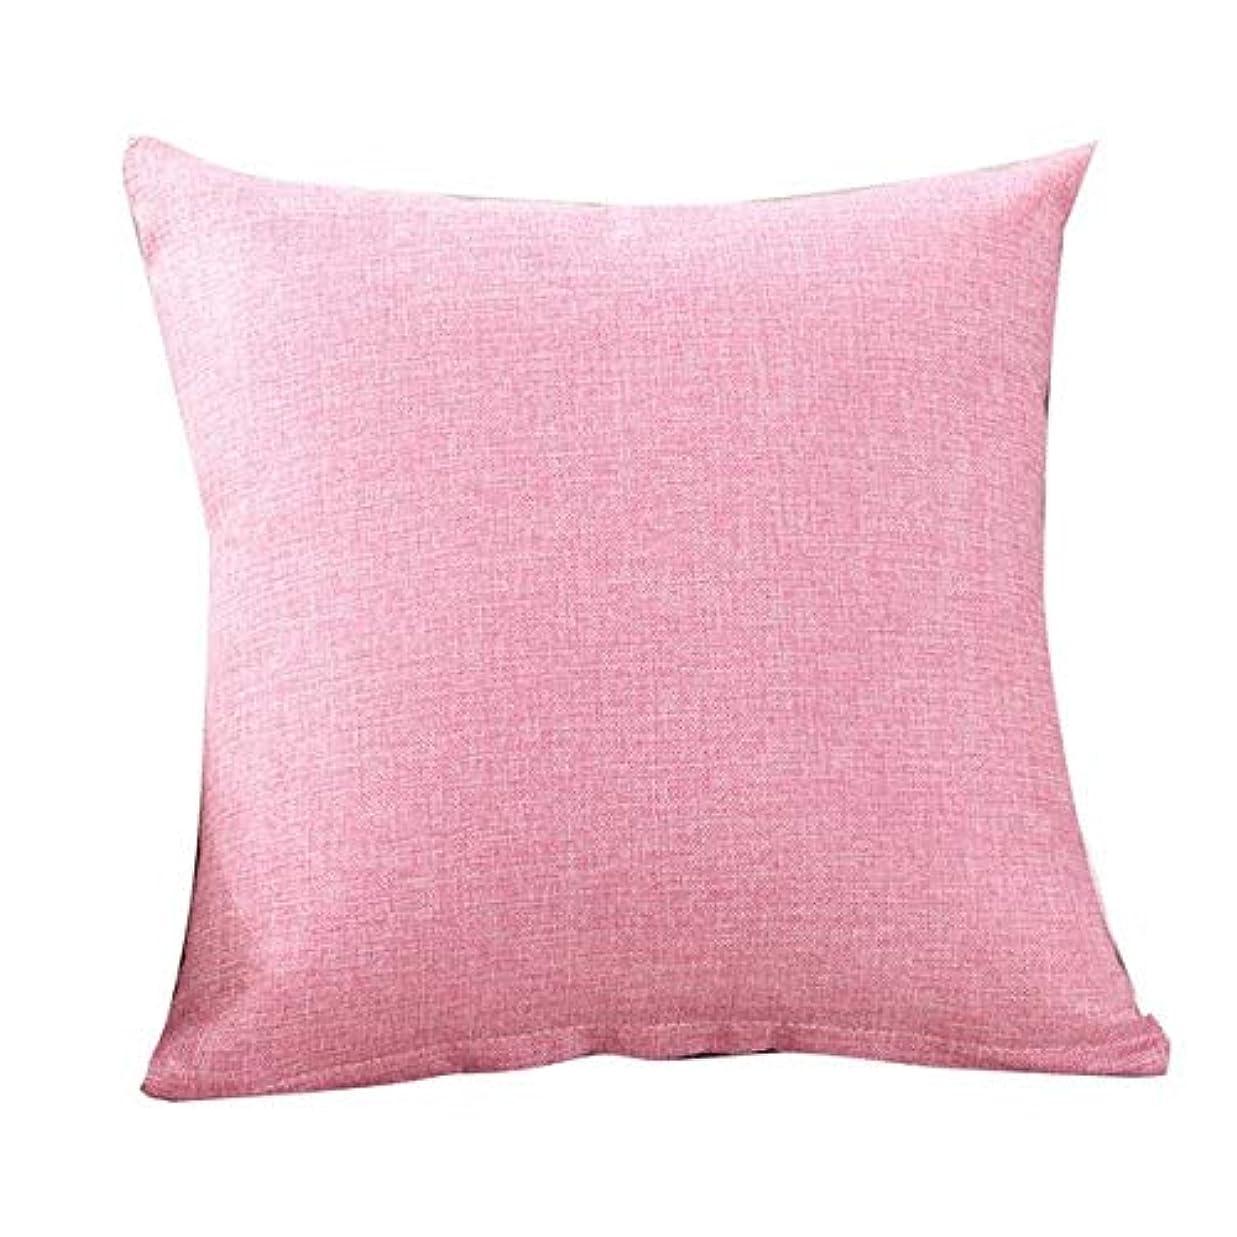 形容詞尋ねるジョセフバンクスLIFE クリエイティブシンプルなファッションスロー枕クッションカフェソファクッションのホームインテリア z0403# G20 クッション 椅子